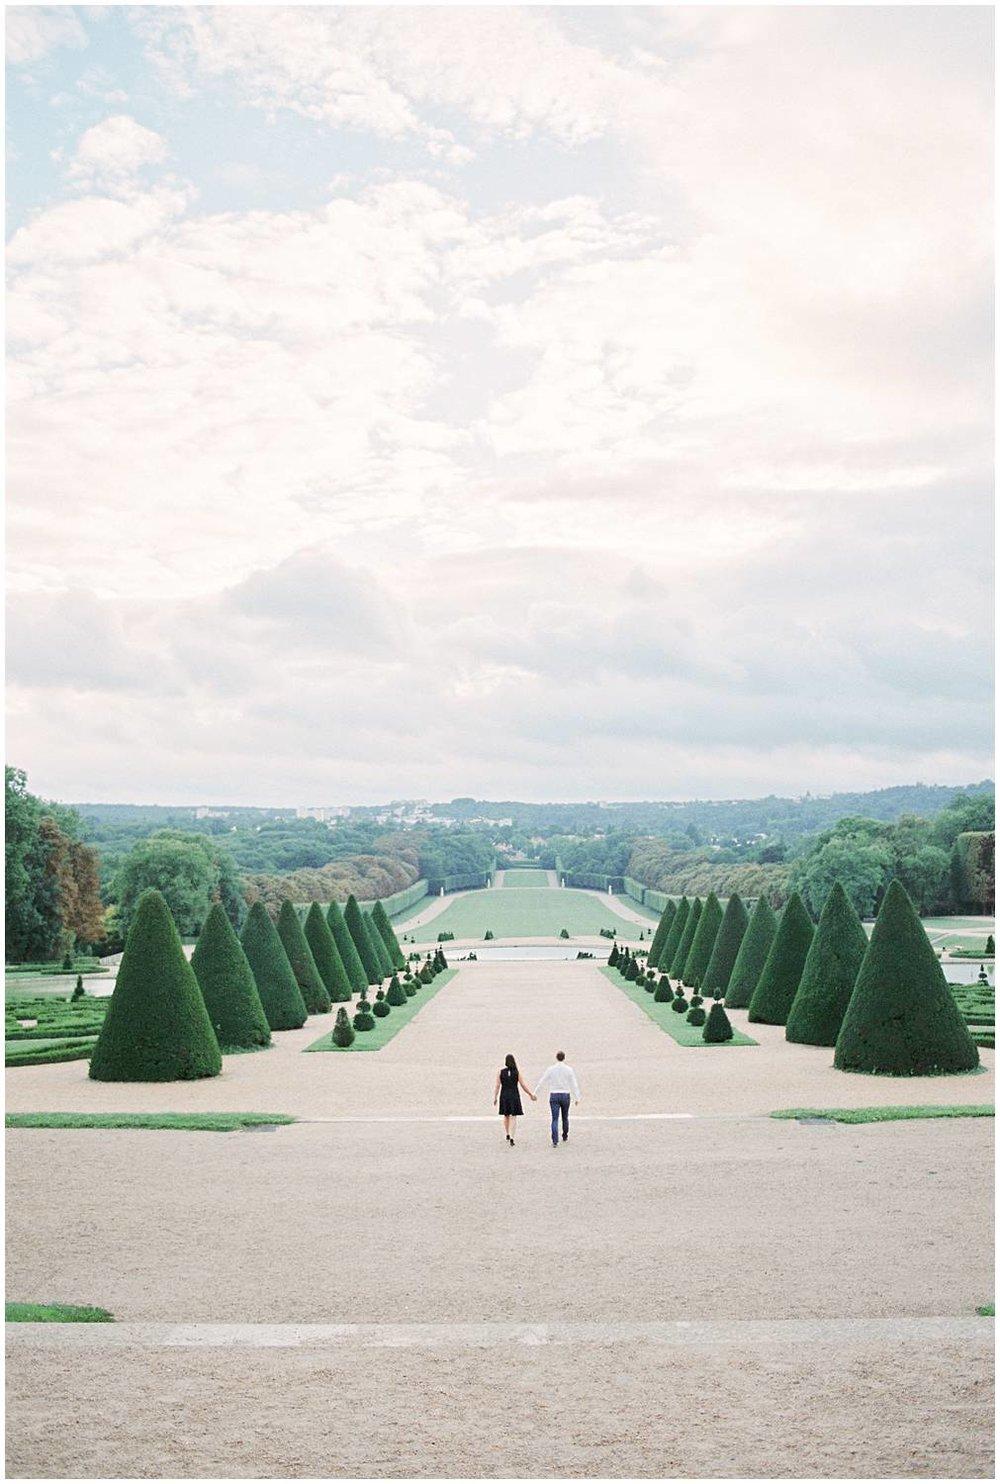 Engagement in a castle parc in Paris